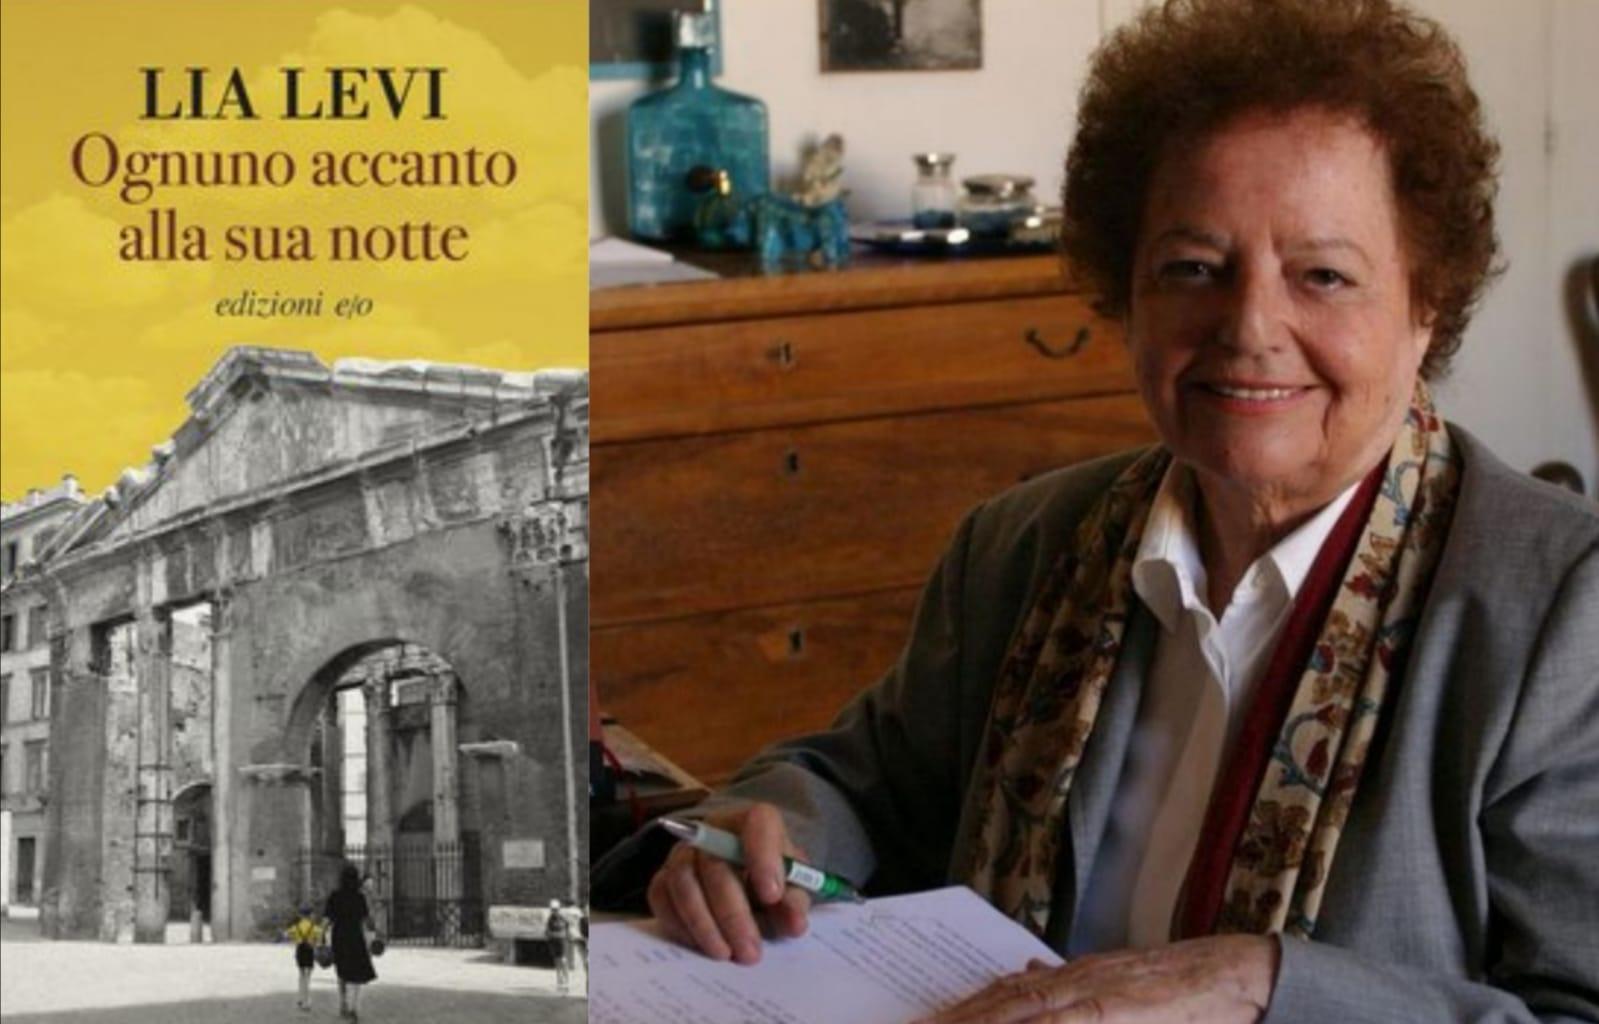 """""""Ognuno accanto alla sua notte"""": un'amicizia lunga 80 anni raccontata nell'ultimo romanzo di Lia Levi"""